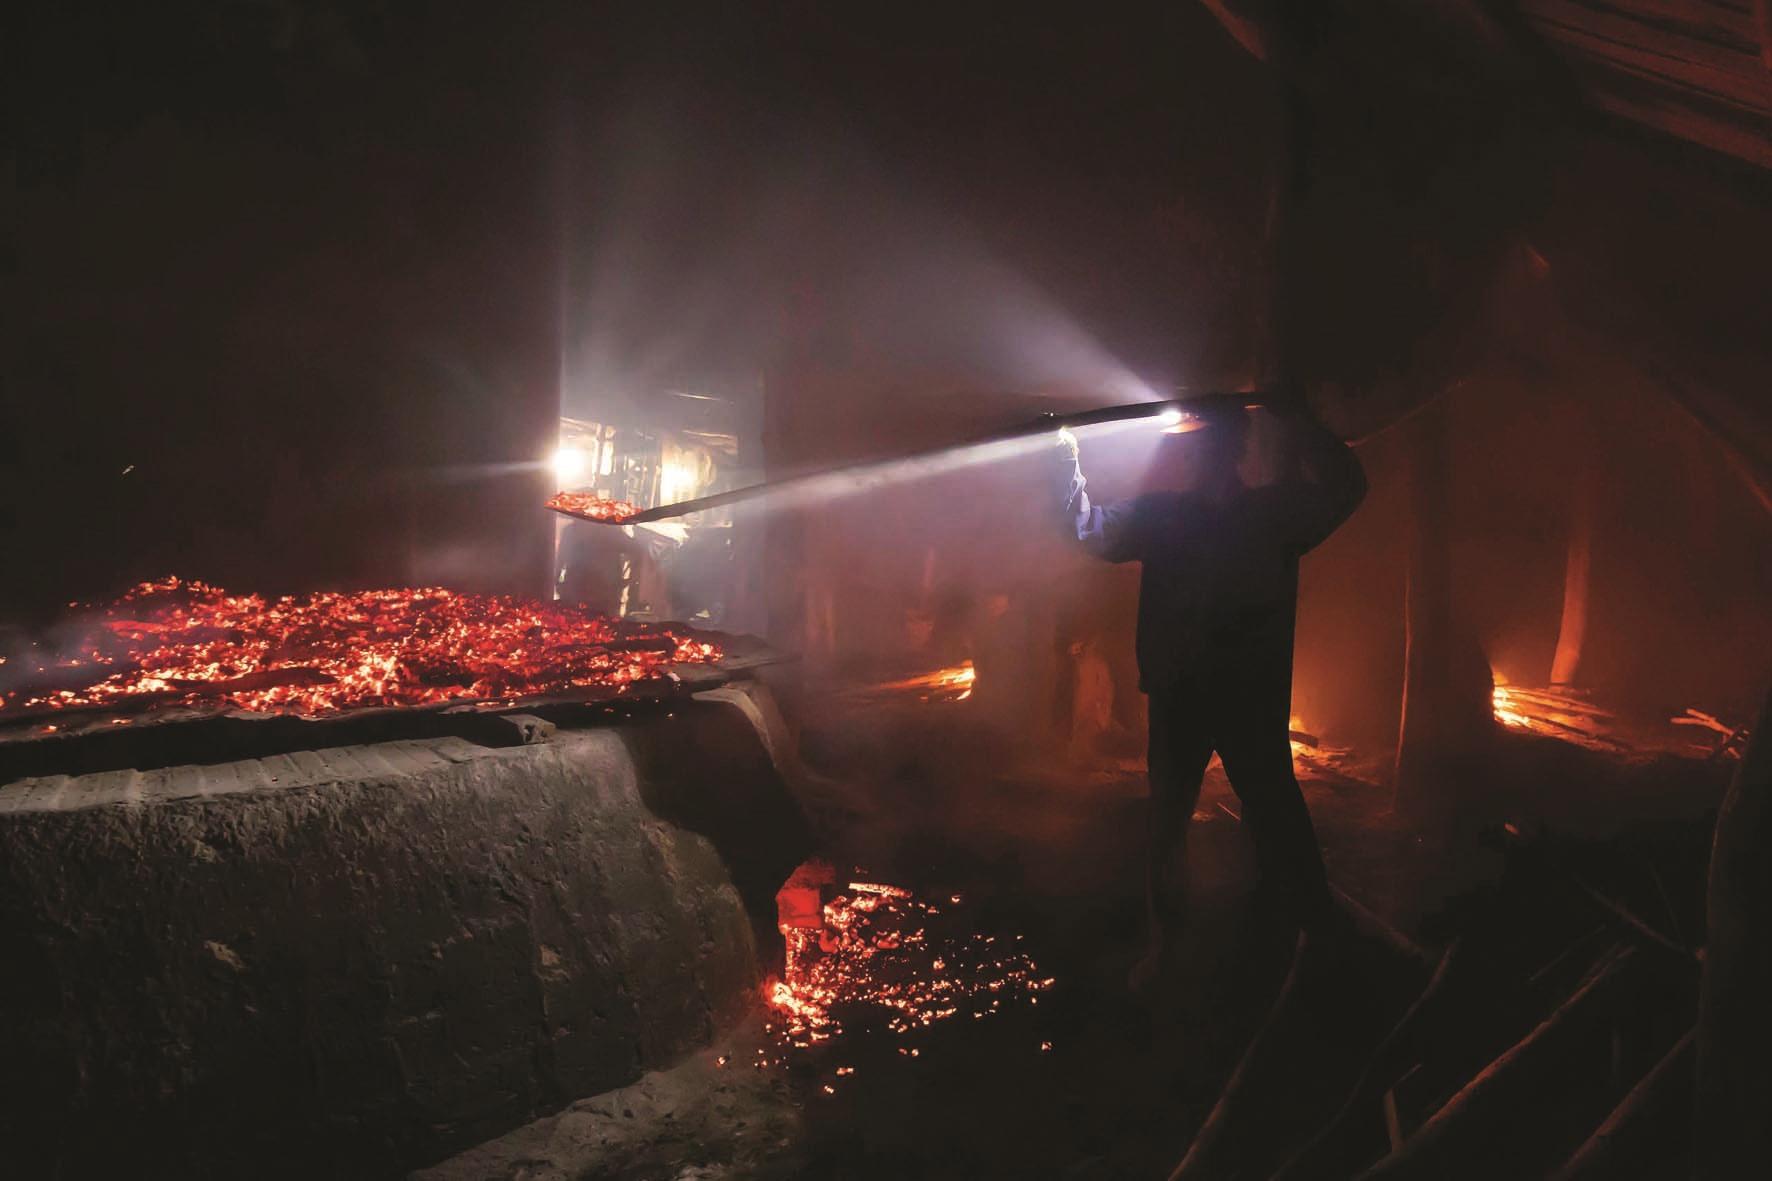 Để có nhiệt lượng đều từ dưới lên trên, người thợ lấy than phủ một lớp trên miệng lò tạo đều nhiệt cho mẻ muối.